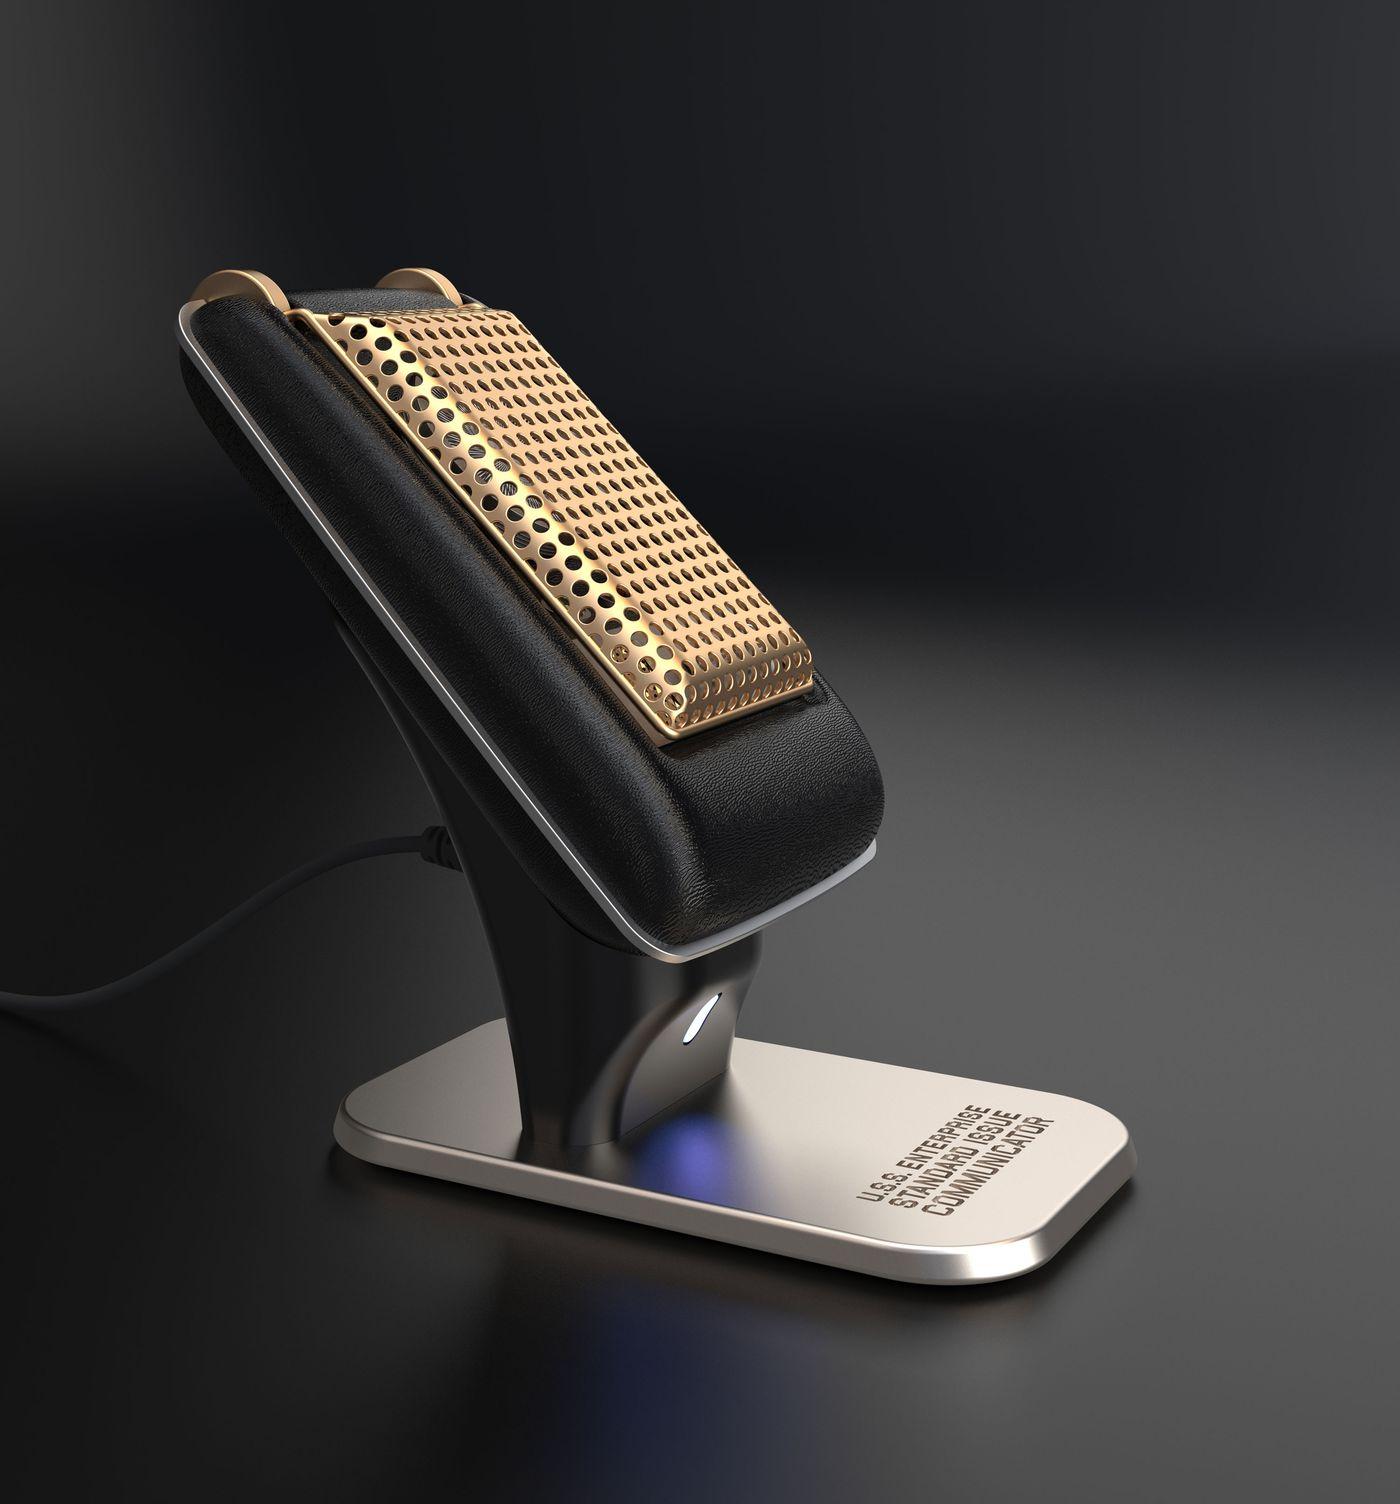 Bluetooth Star Trek Communicator / Boing Boing